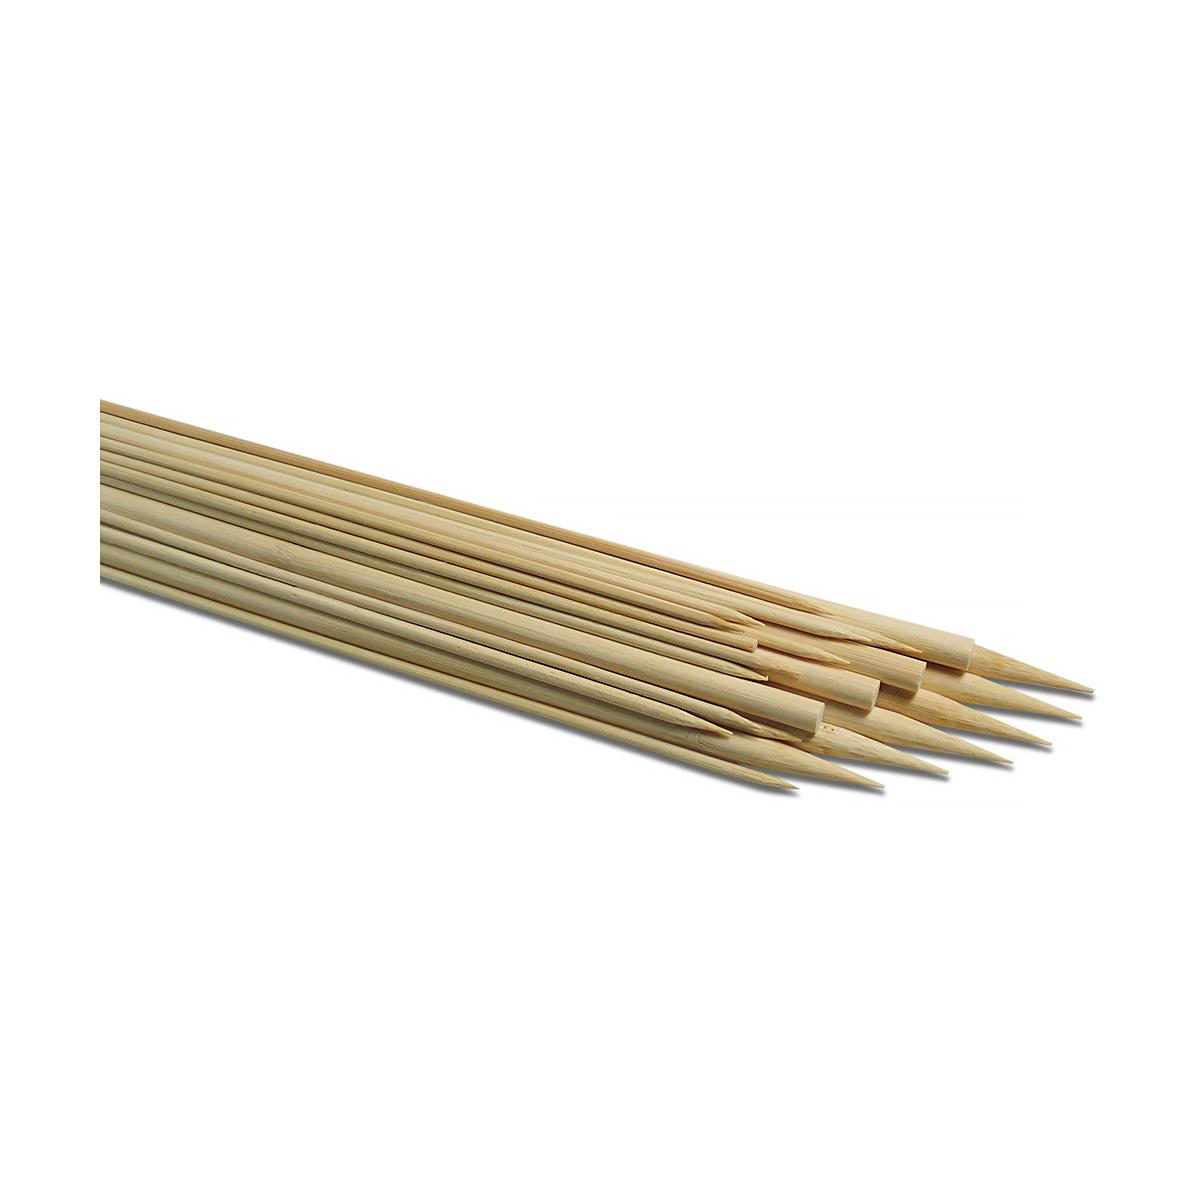 Bețe din Bambus, 5 Milimetri x 30 Centimetri, 12 Bucăți, Meyco, 66176